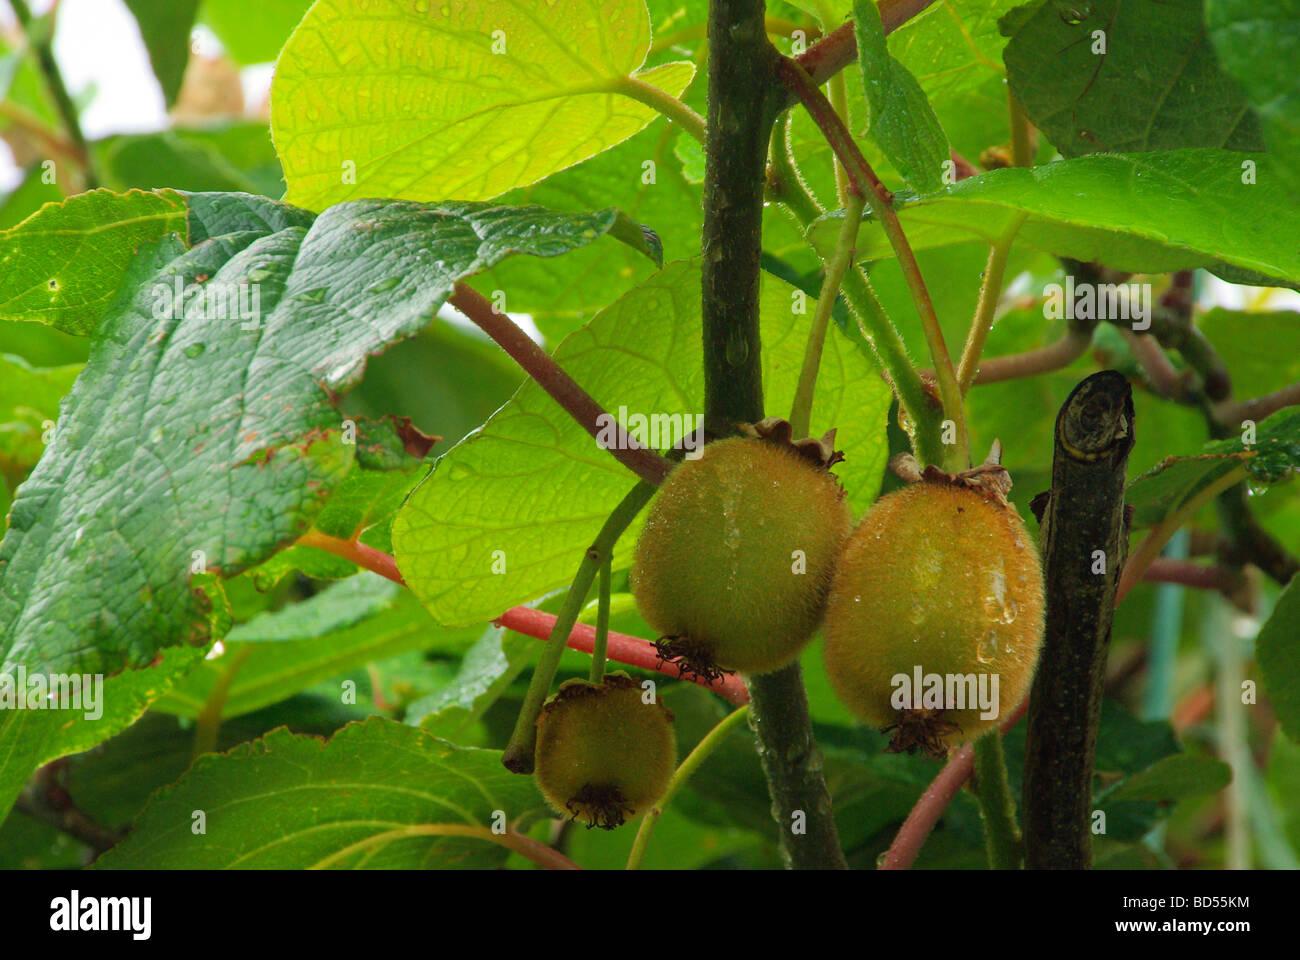 Kiwi am Strauch kiwi on bush 01 - Stock Image